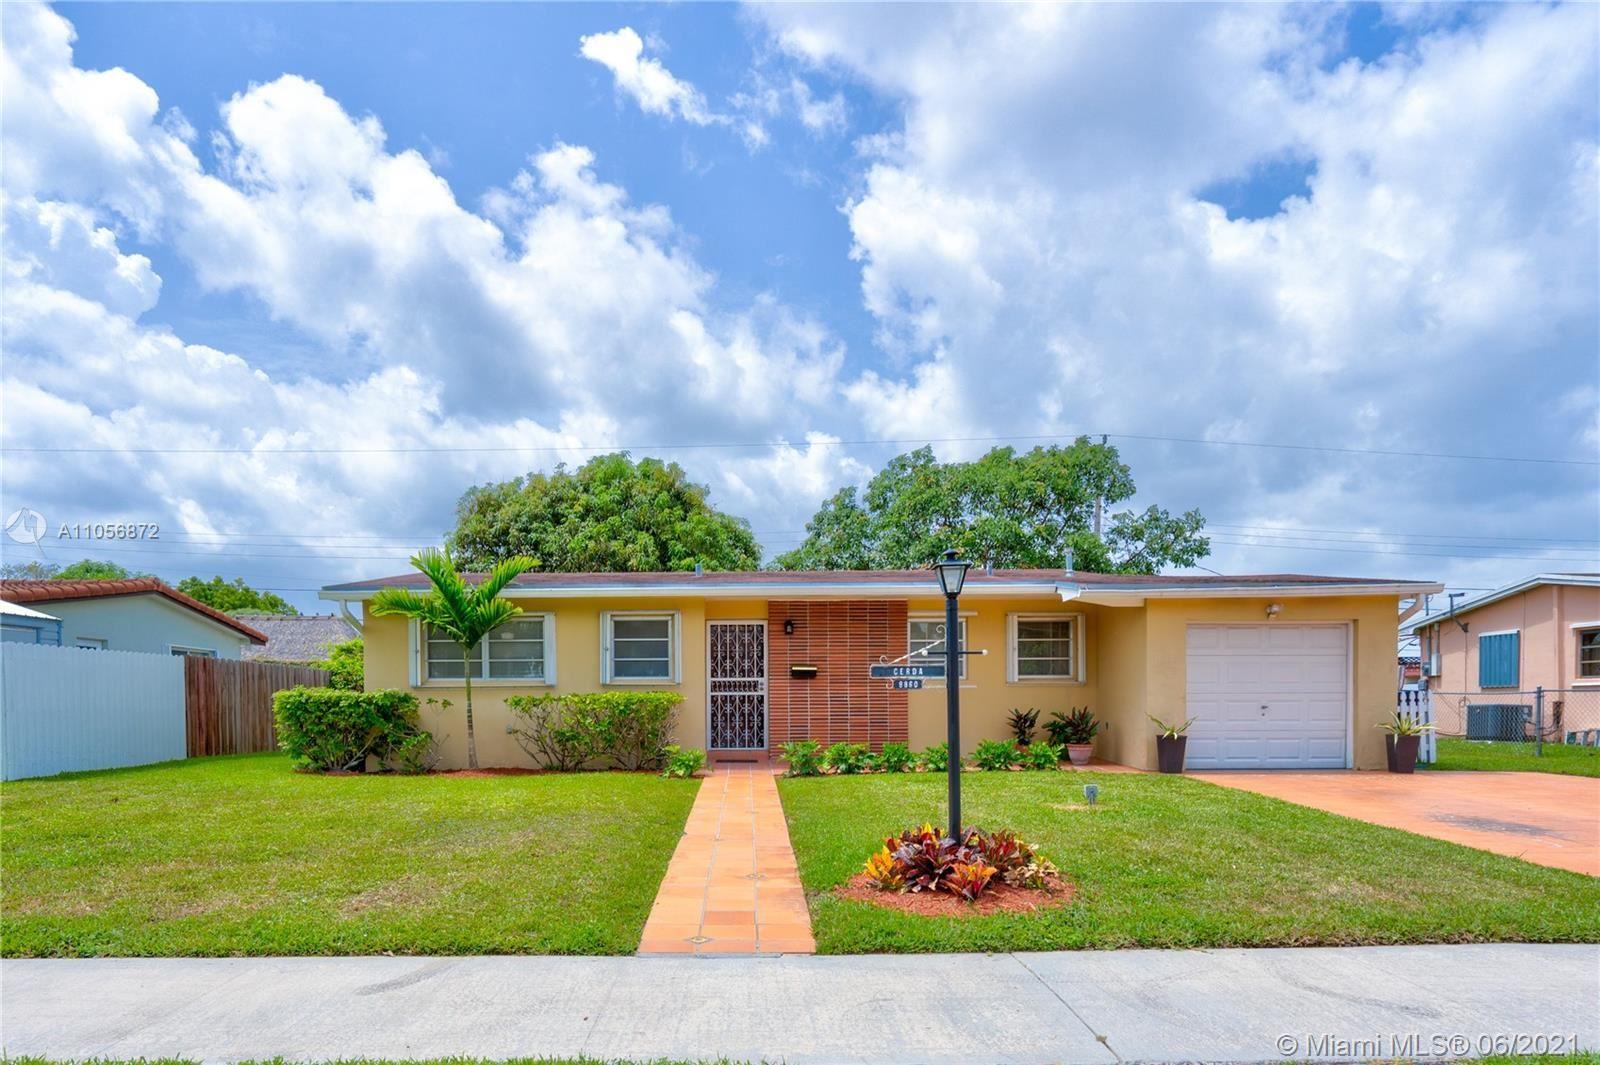 8860 SW 18th Ter, Miami, FL 33165 - #: A11056872